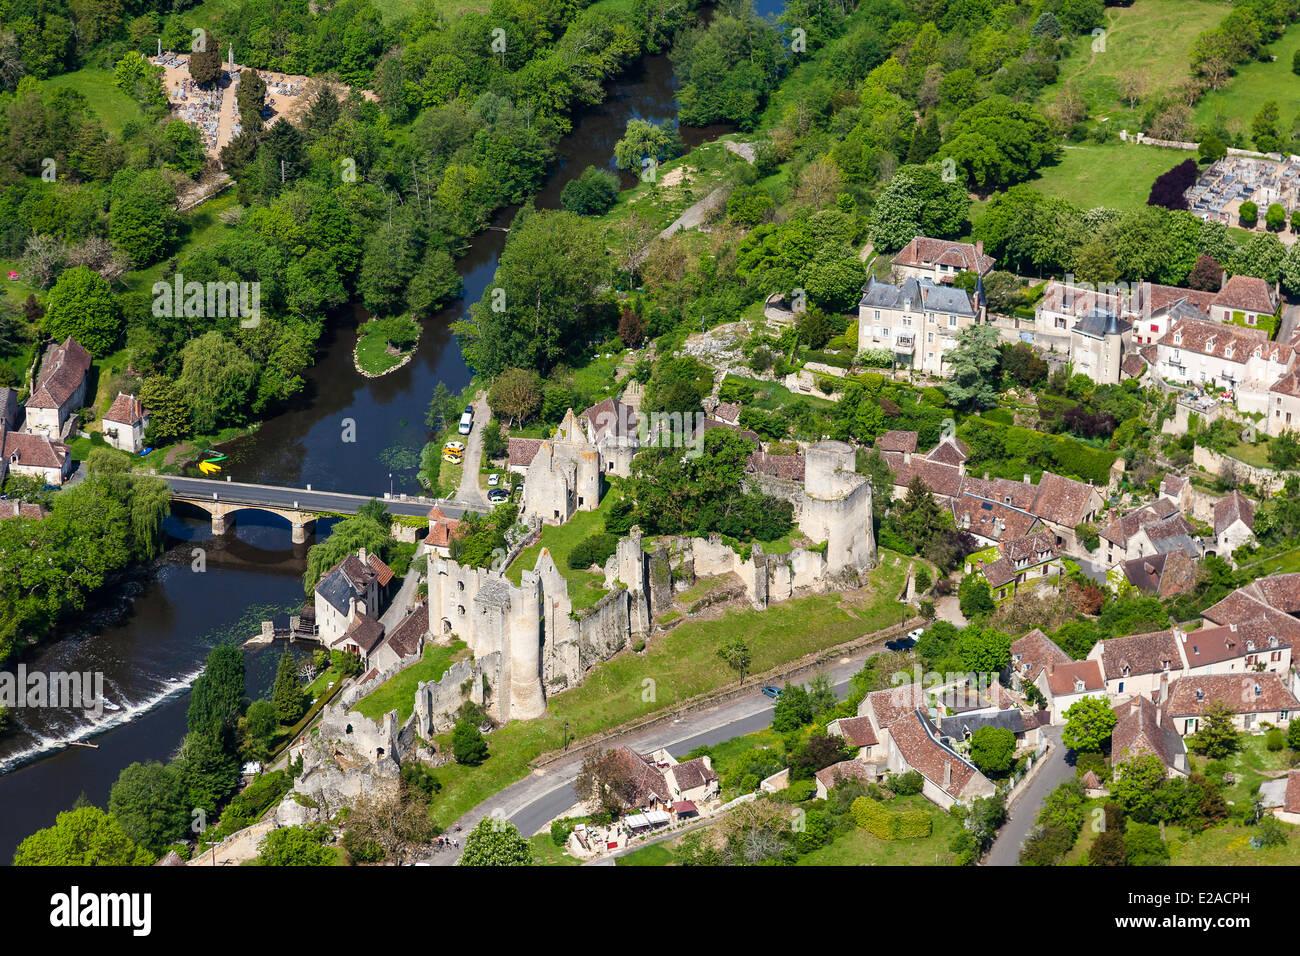 France, Vienne, Angles sur l'Anglin, labelled Les Plus Beaux Villages de France (The Most Beautiful Villages - Stock Image